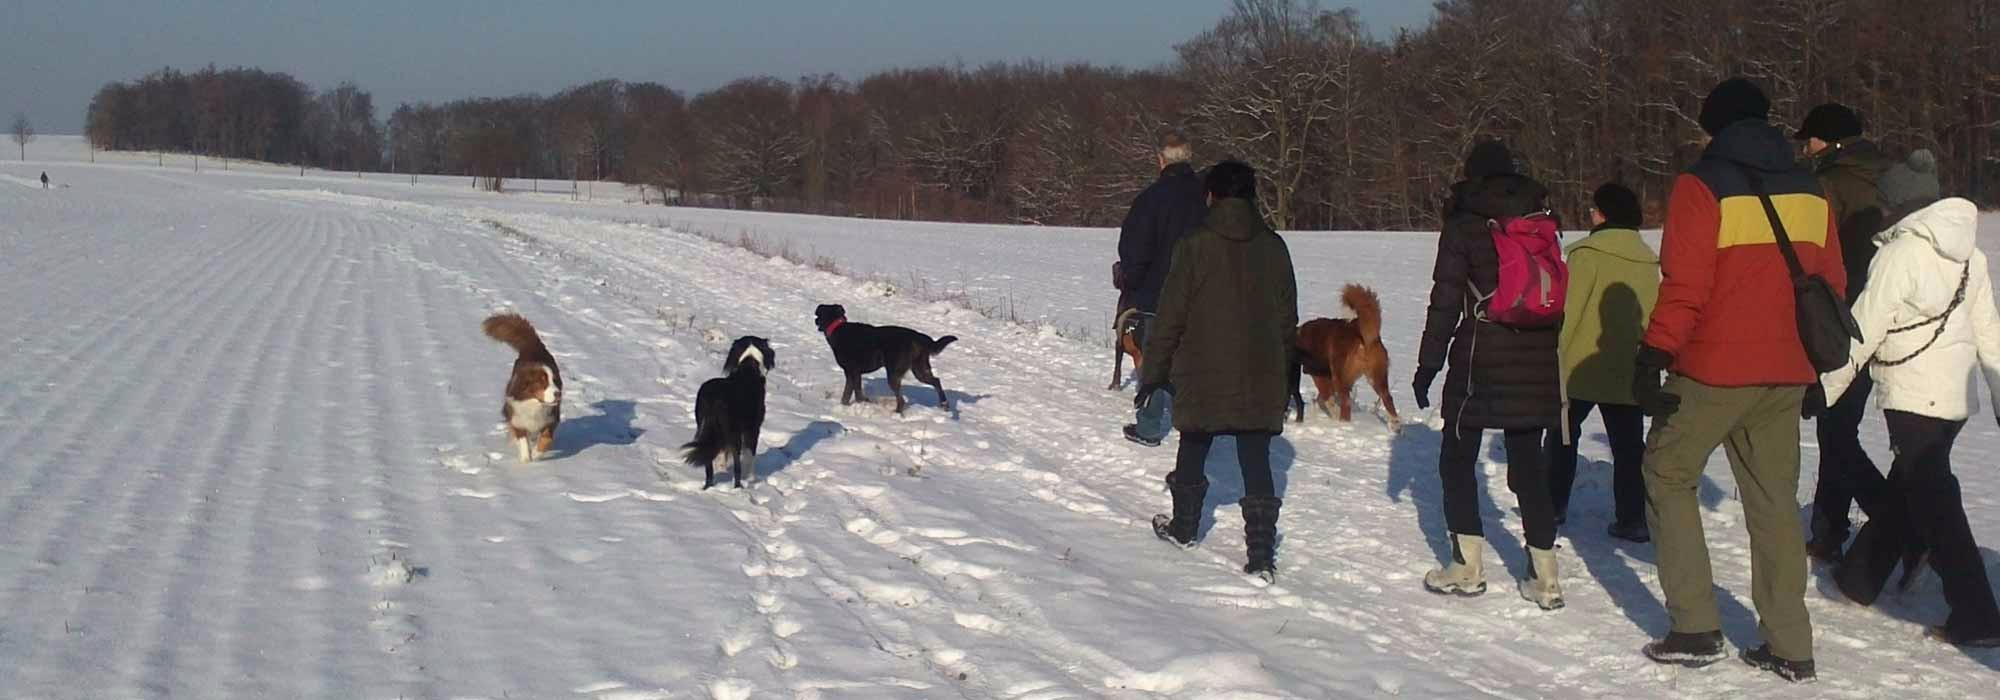 AnimalmanShip biete Hundewanderungen in der Dresdener Heide an